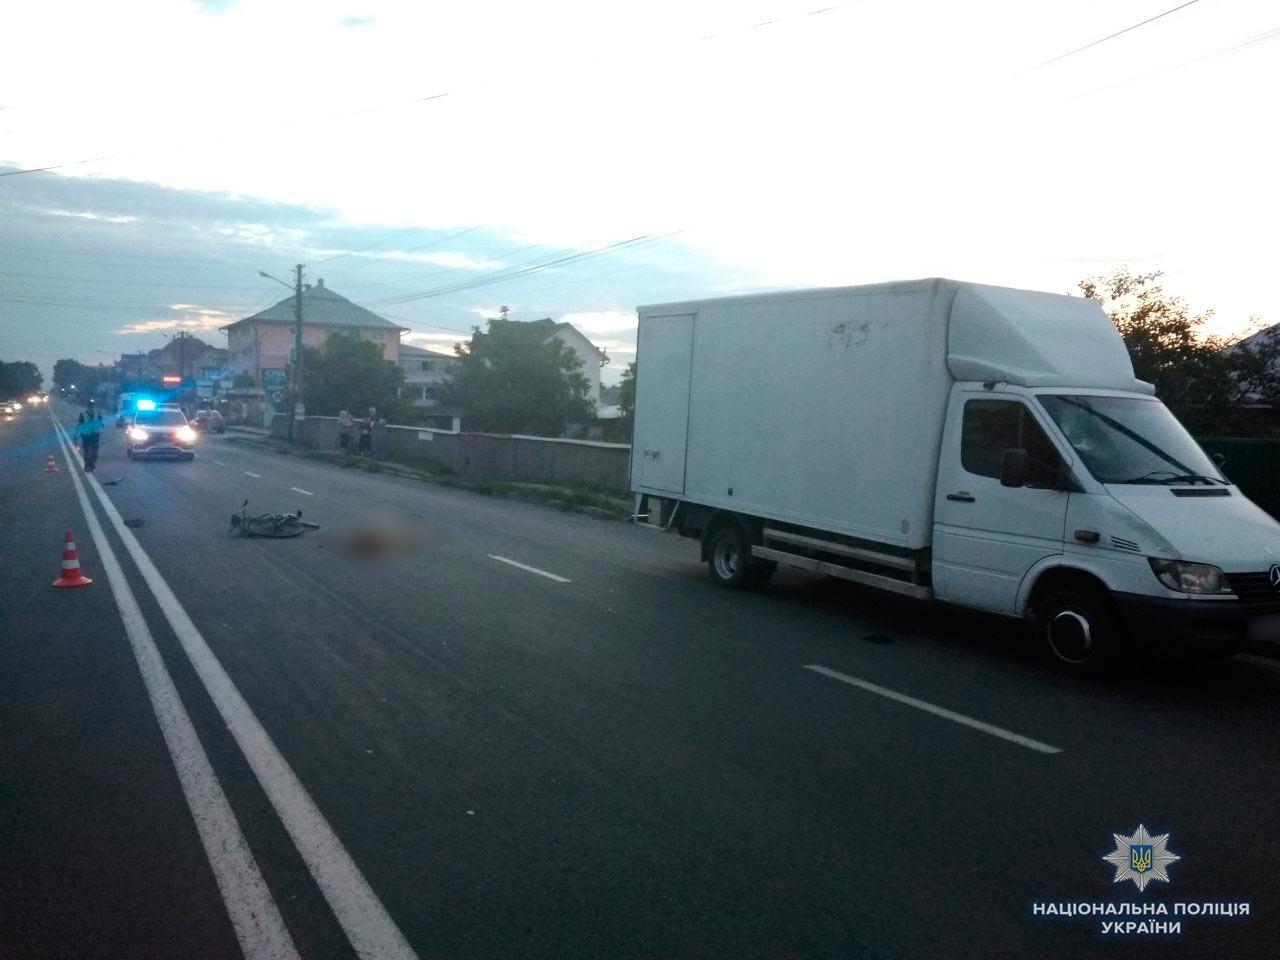 Під час ДТП на Буковині бус насмерть збив велосипедиста. ФОТО